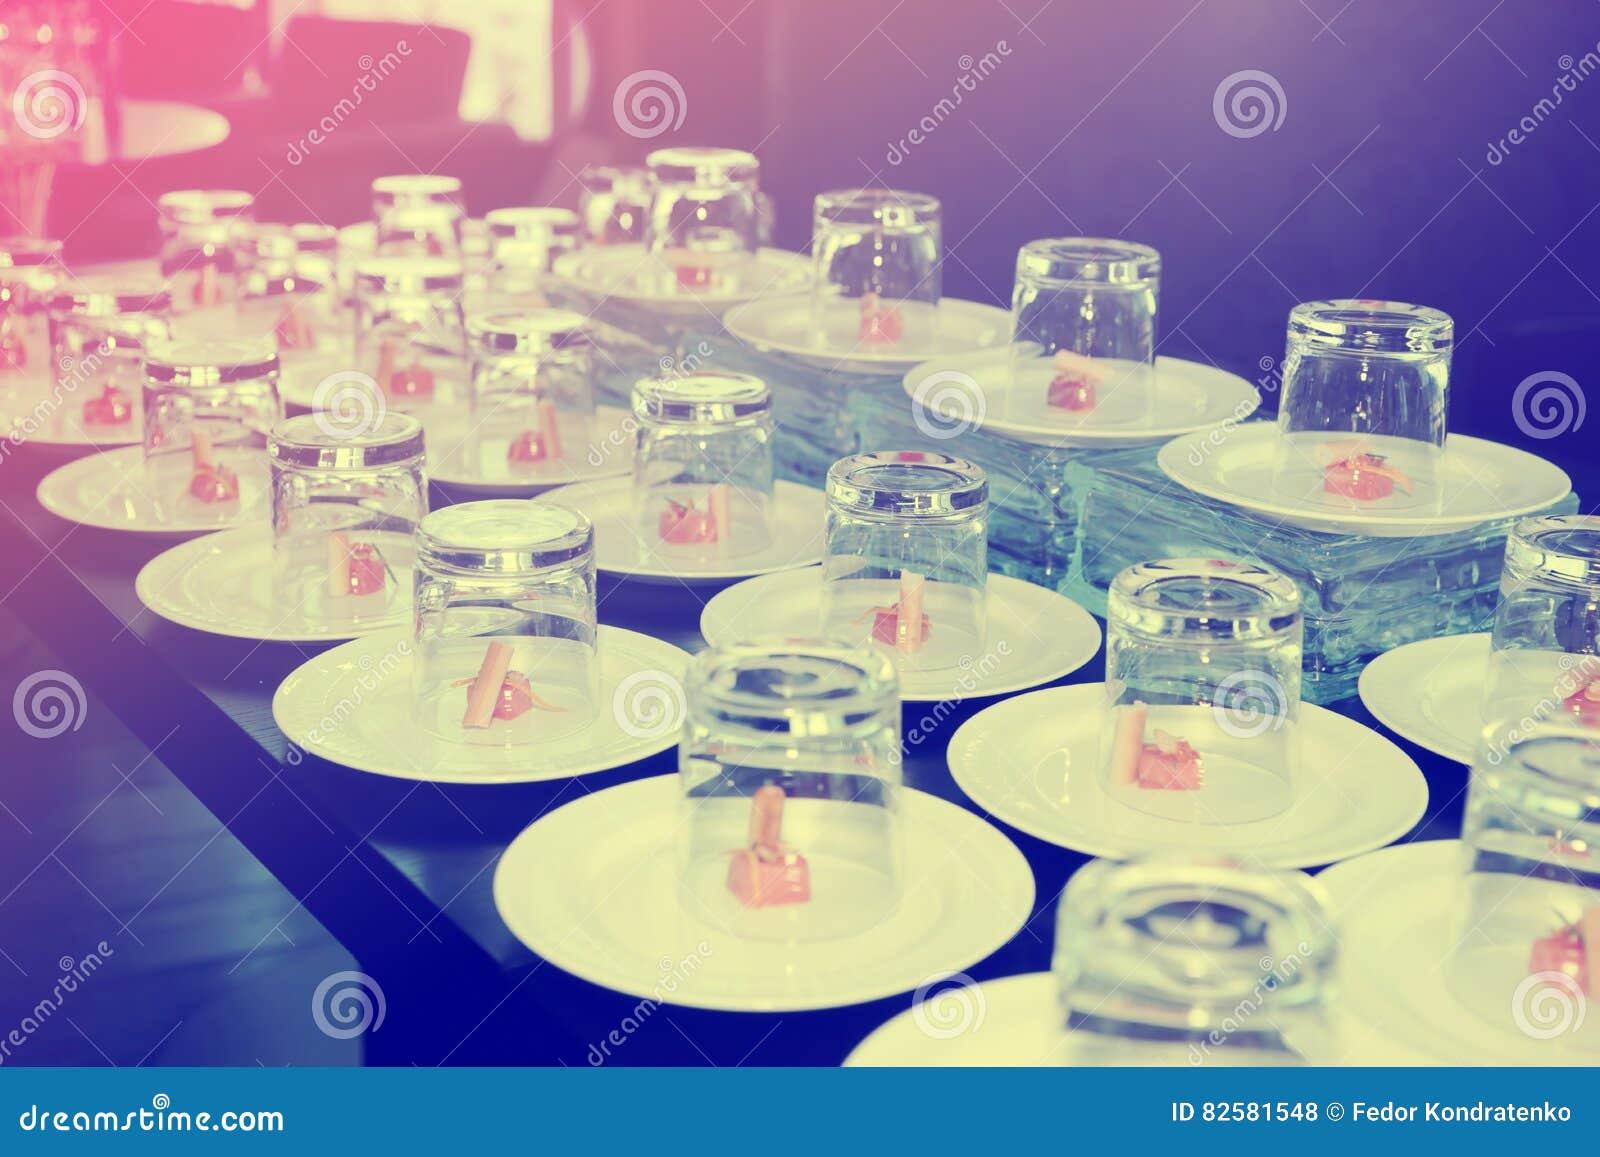 Kleine zalmsnacks die met glazen worden behandeld